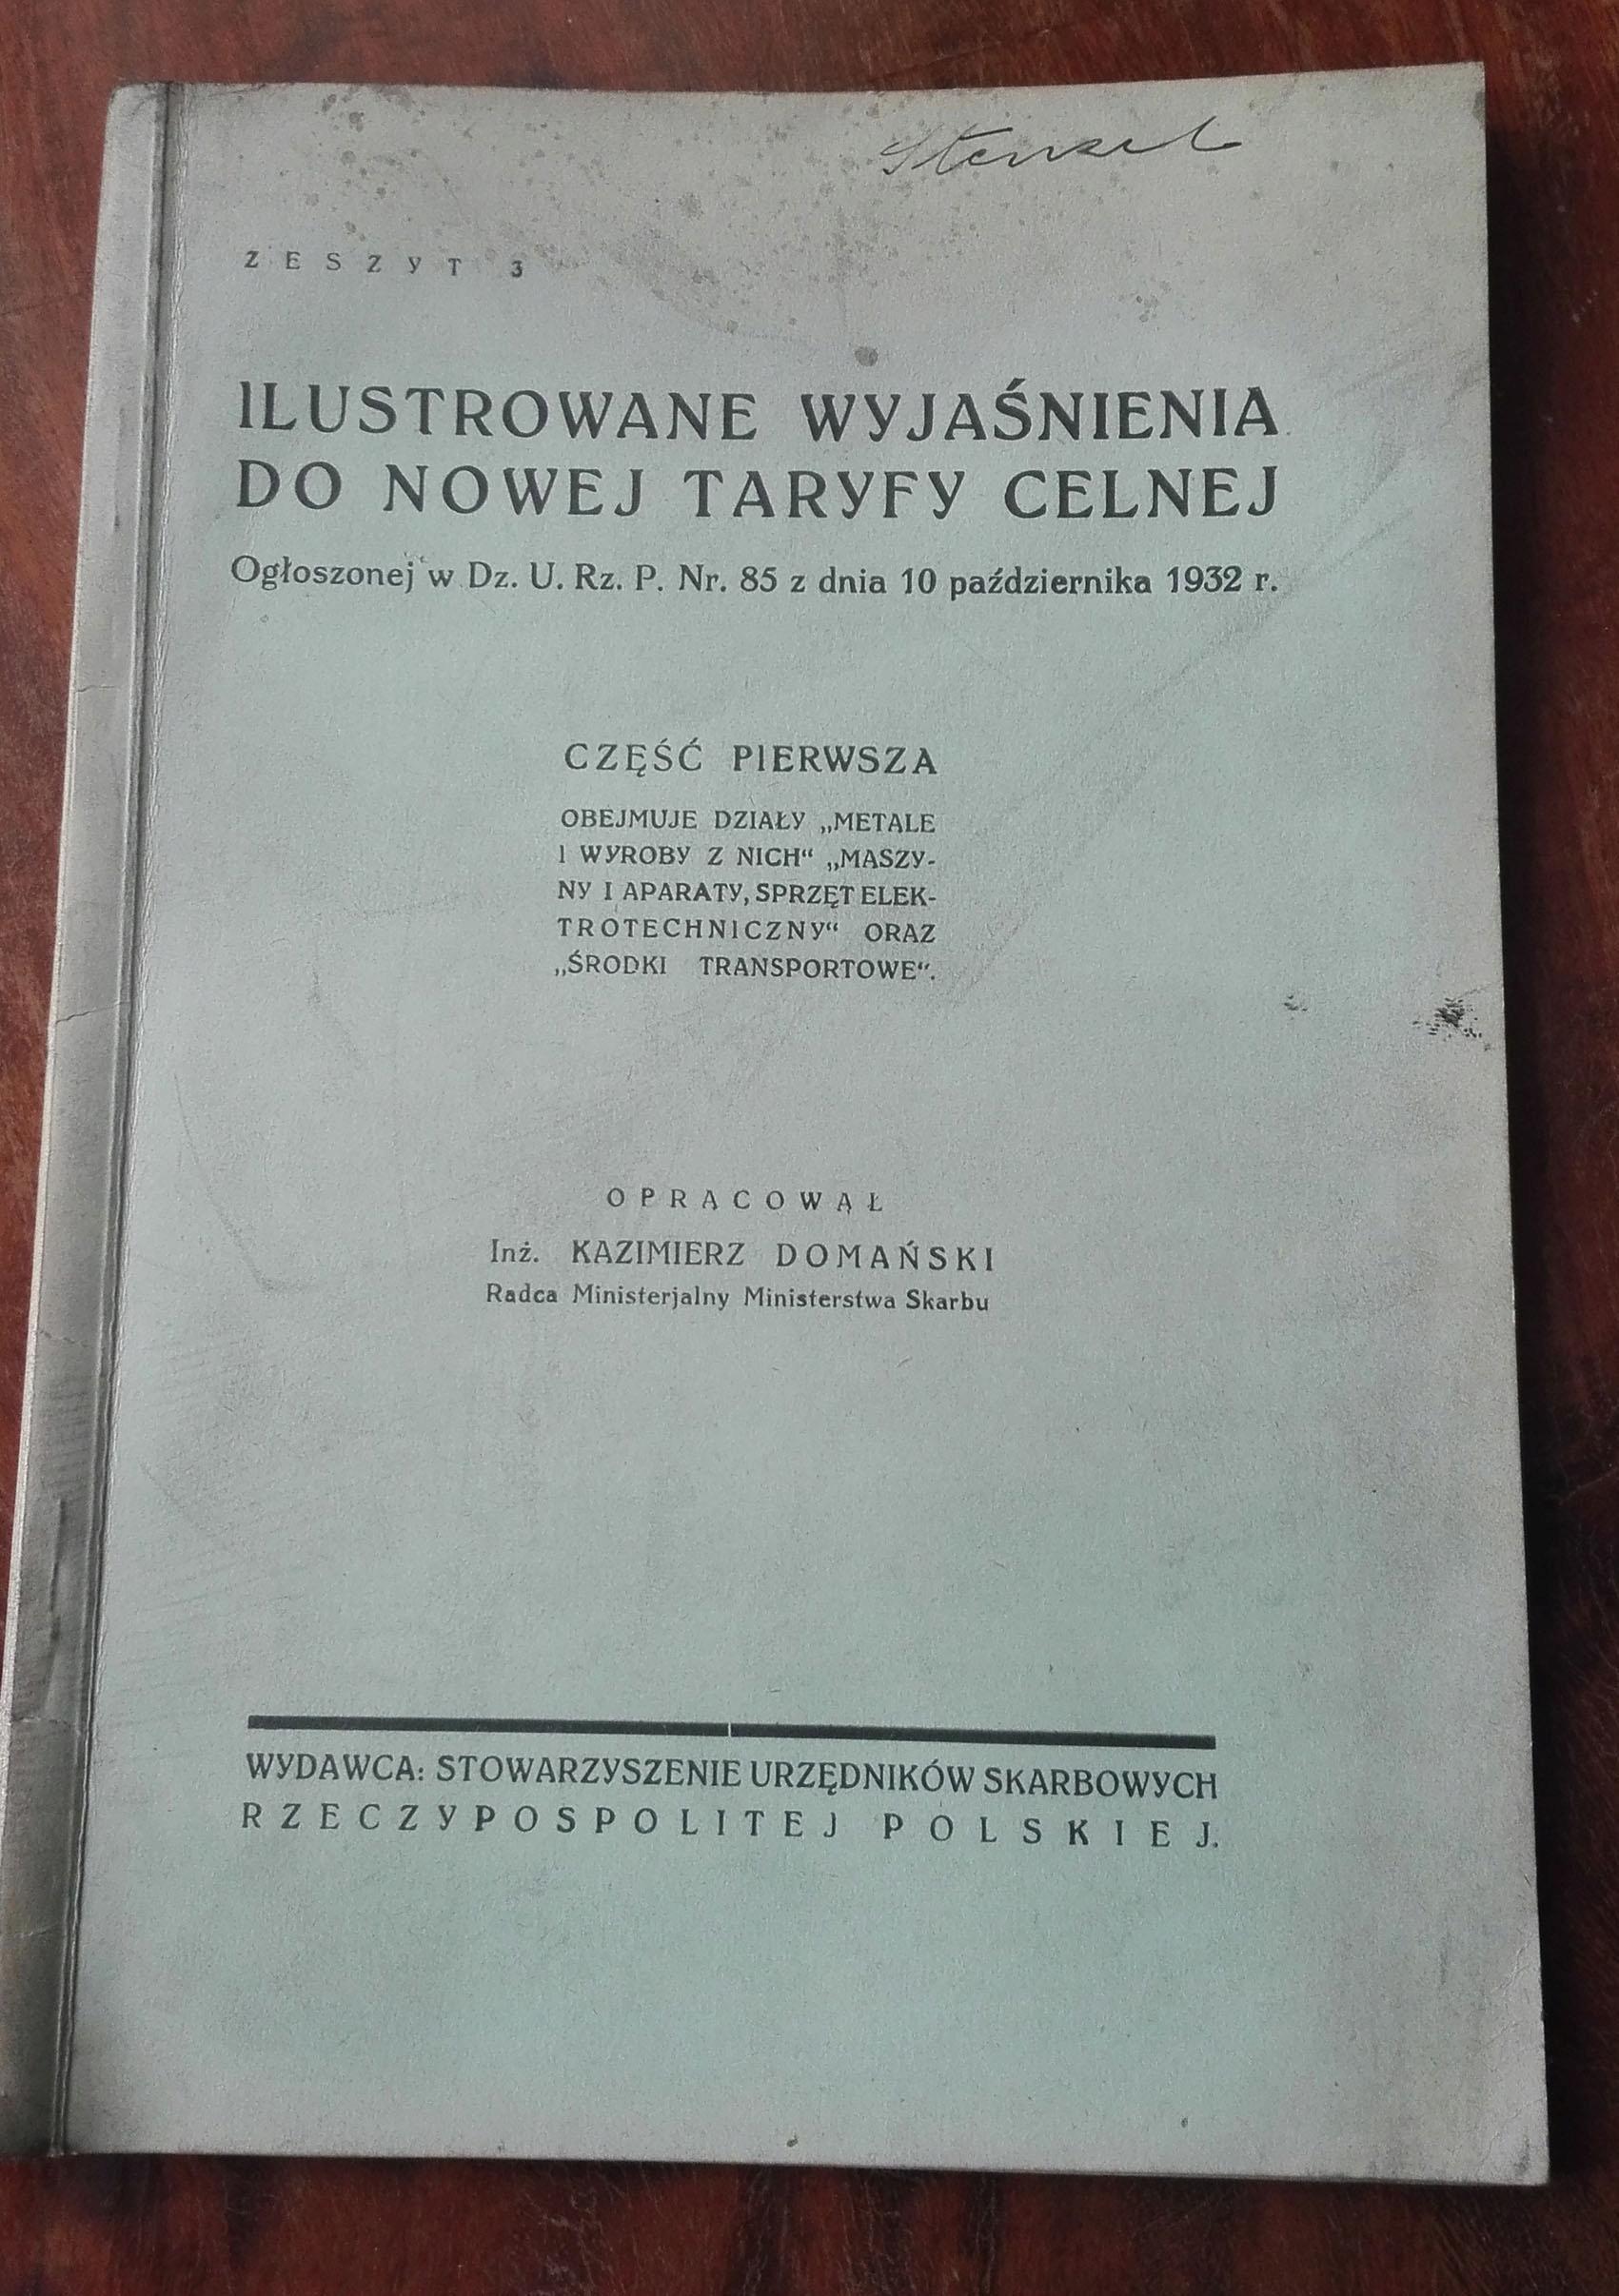 Ilustrowane wyjaśnienia do taryfy celnej 1932